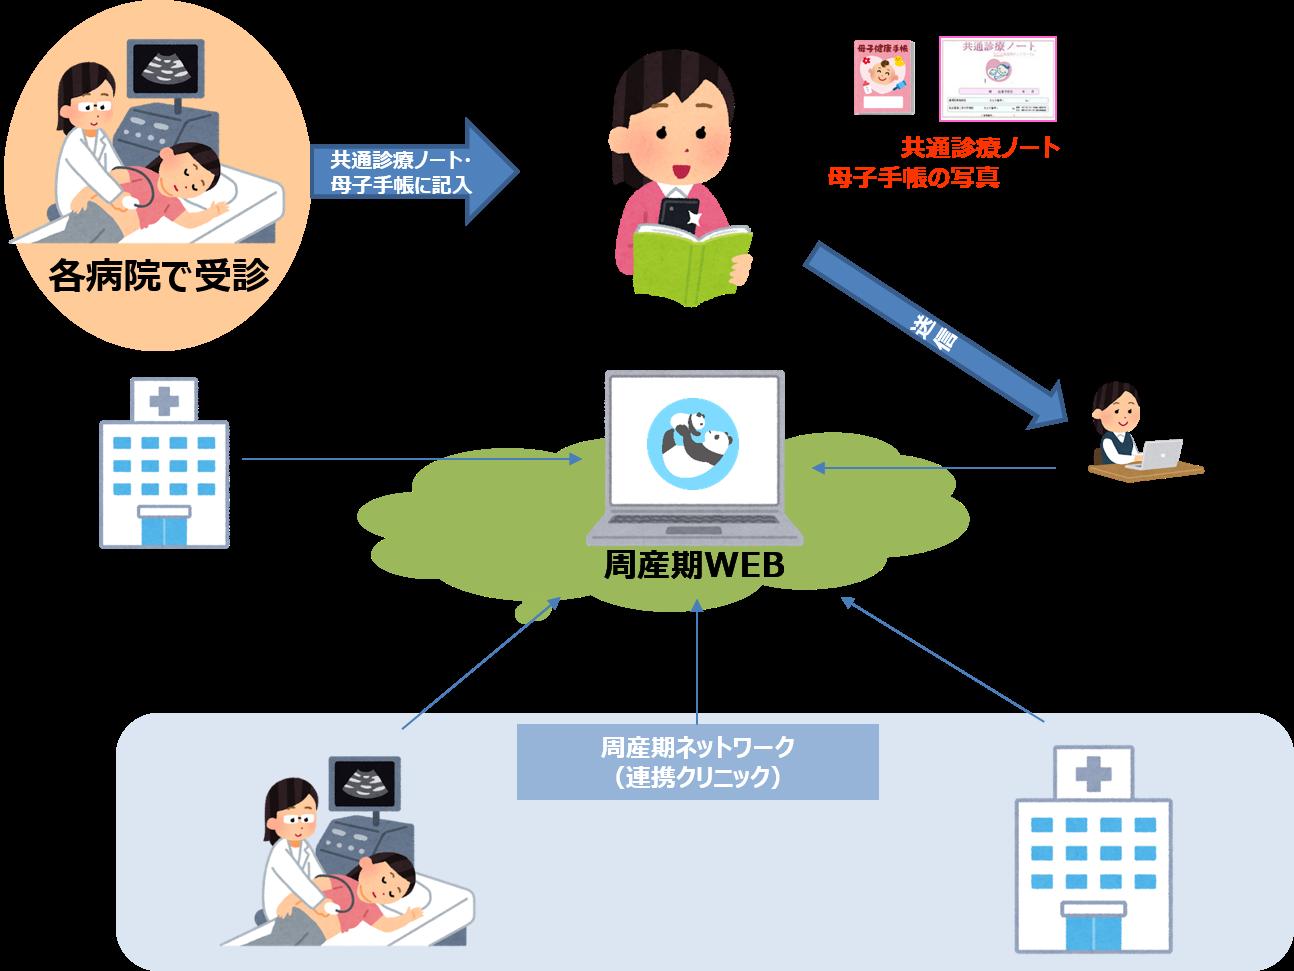 「周産期WEB」機能イメージ